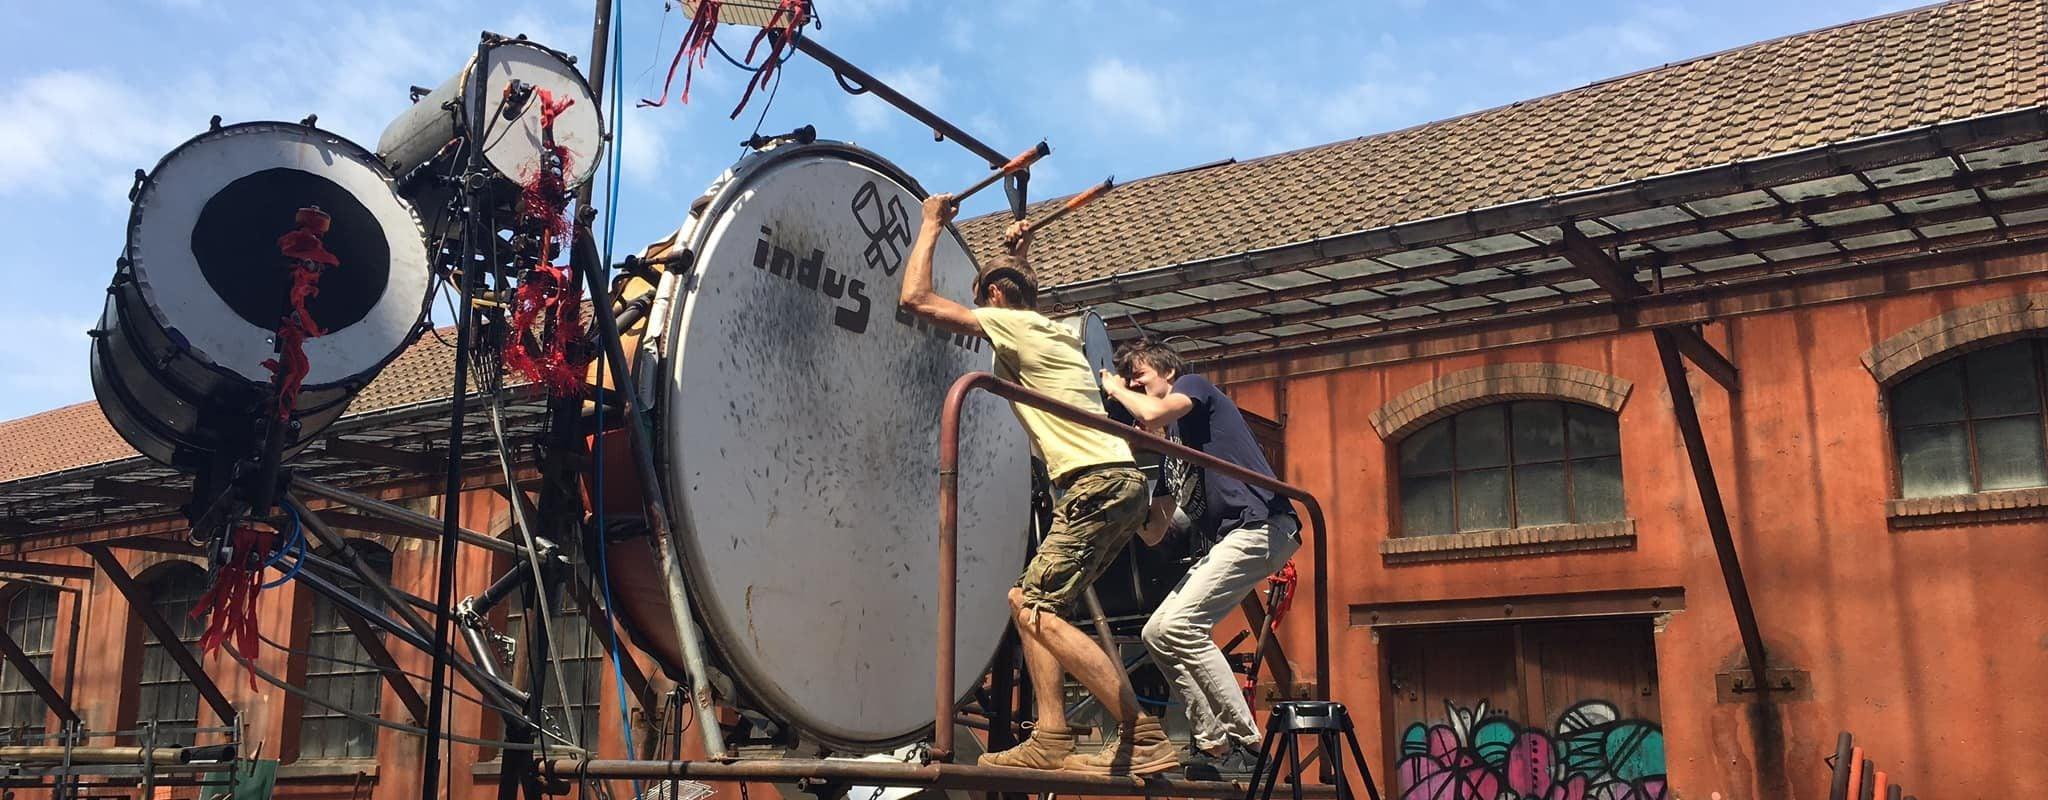 Le succès de Motoco à Mulhouse, une piste pour l'avenir des friches culturelles